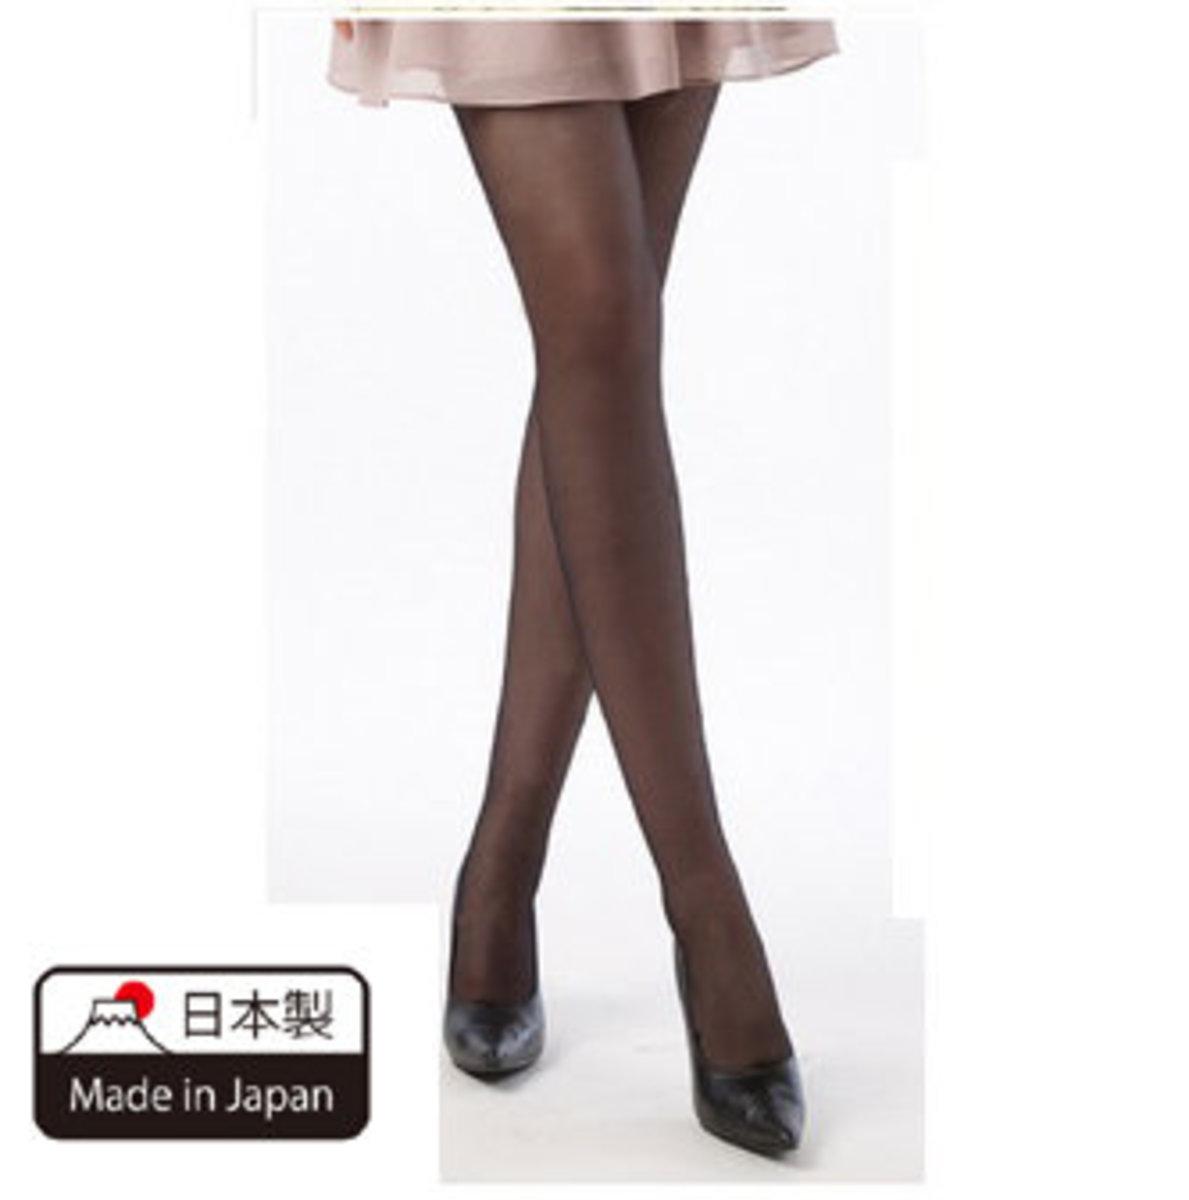 日本制防鈎絲襪褲 (黑色) Size : M-L 抗菌抗UV防靜電